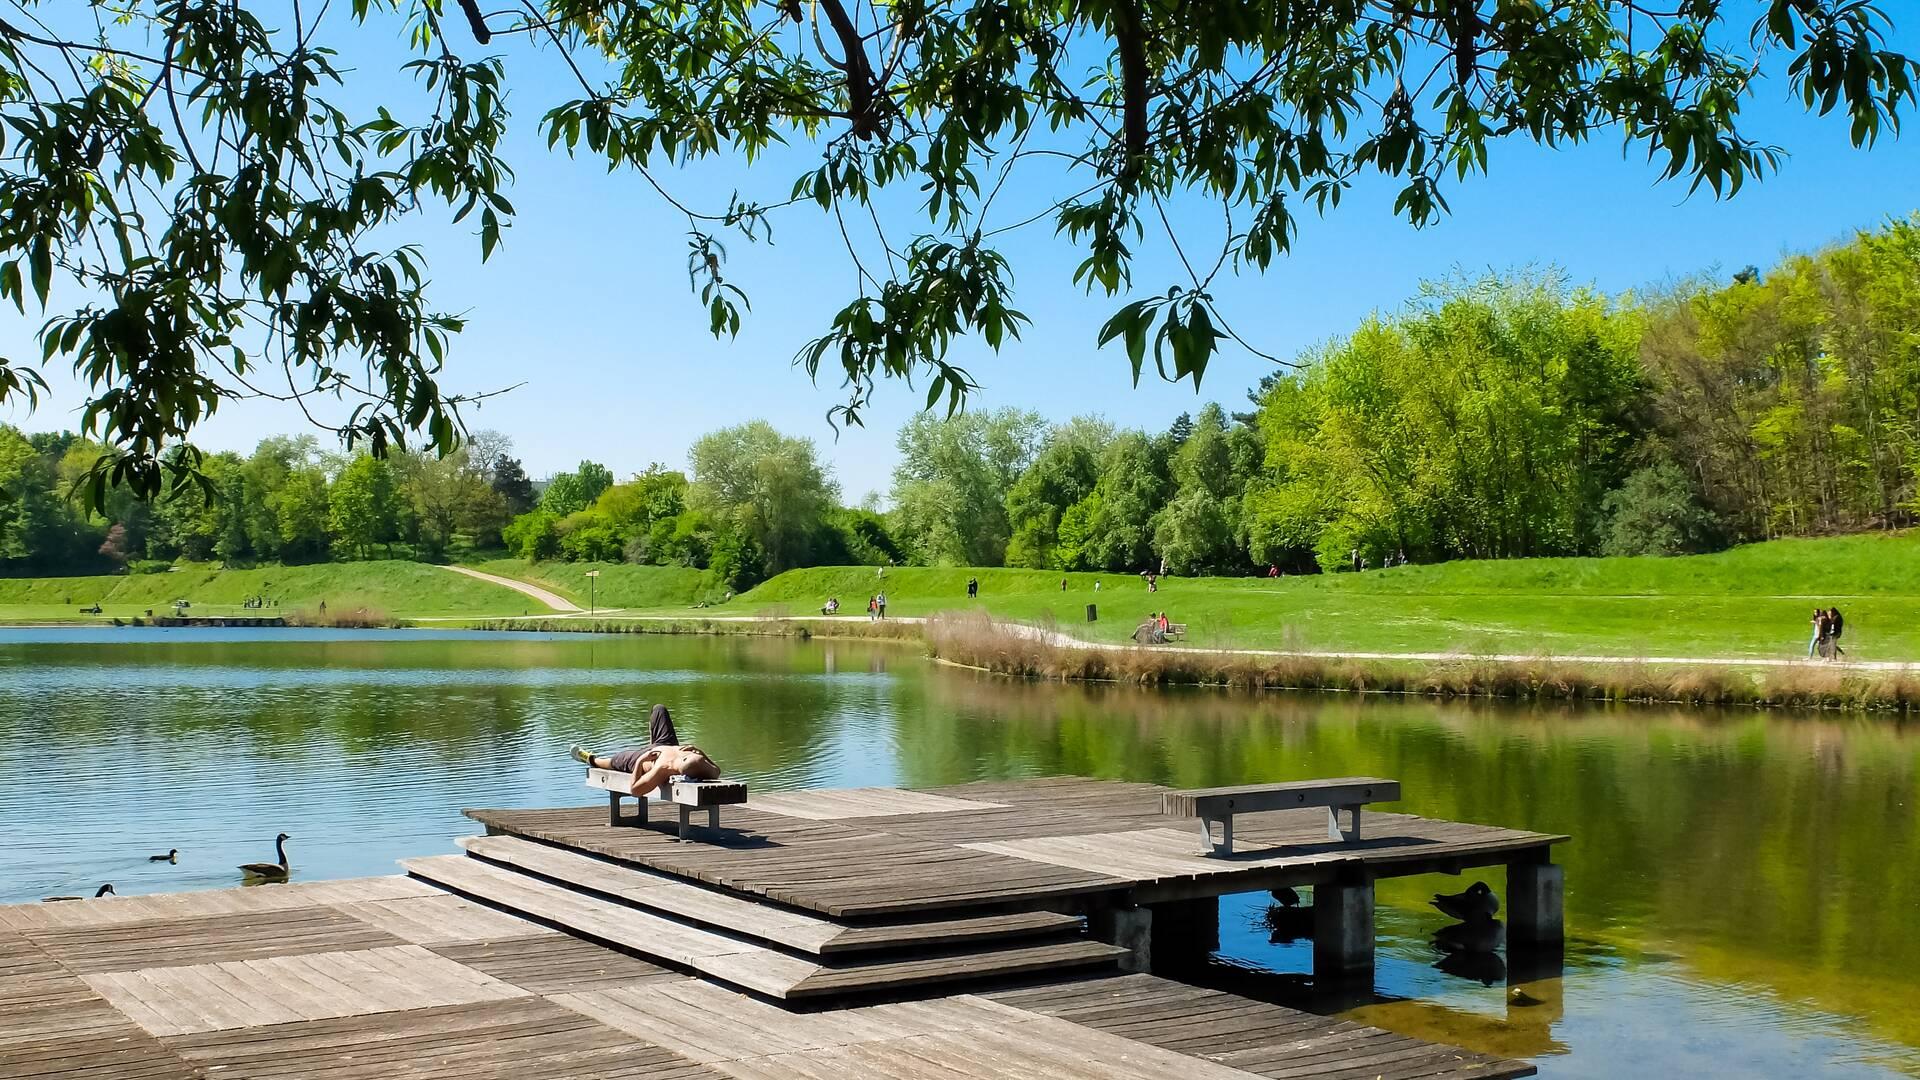 Parc Georges Valbon - crédit Mary Quincy - Office de tourisme Plaine Commune Grand Paris